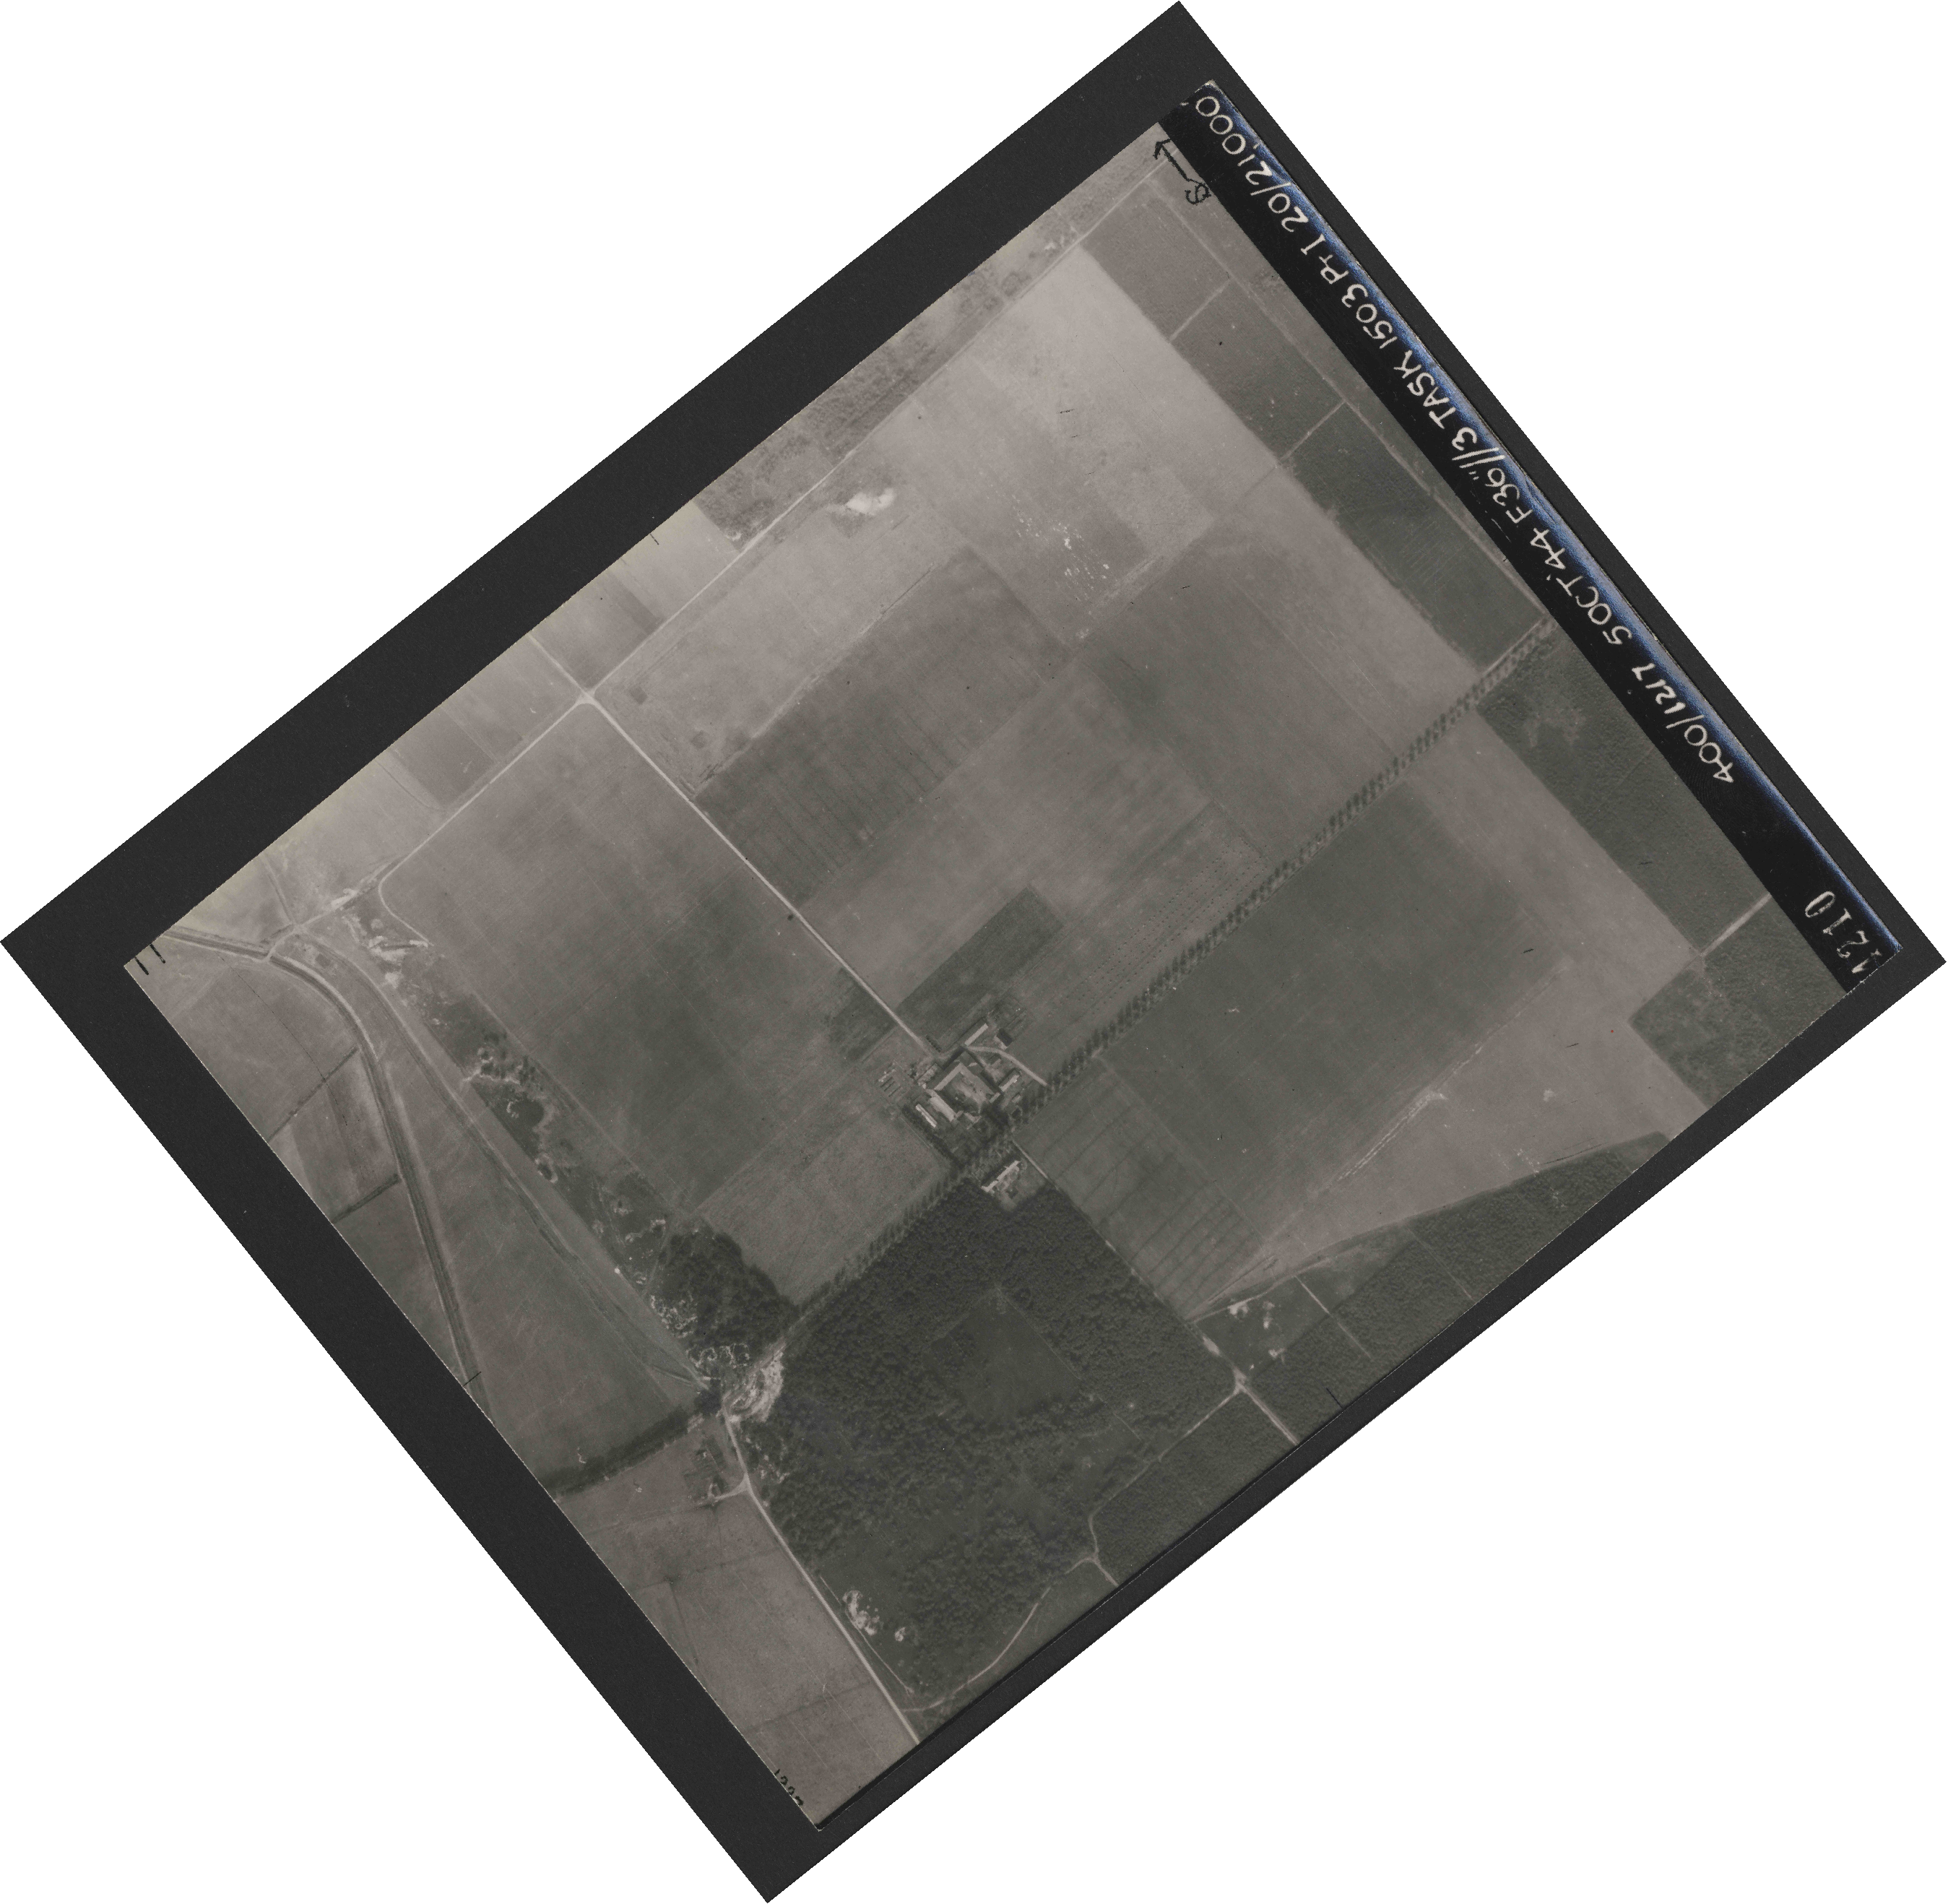 Collection RAF aerial photos 1940-1945 - flight 316, run 02, photo 4210